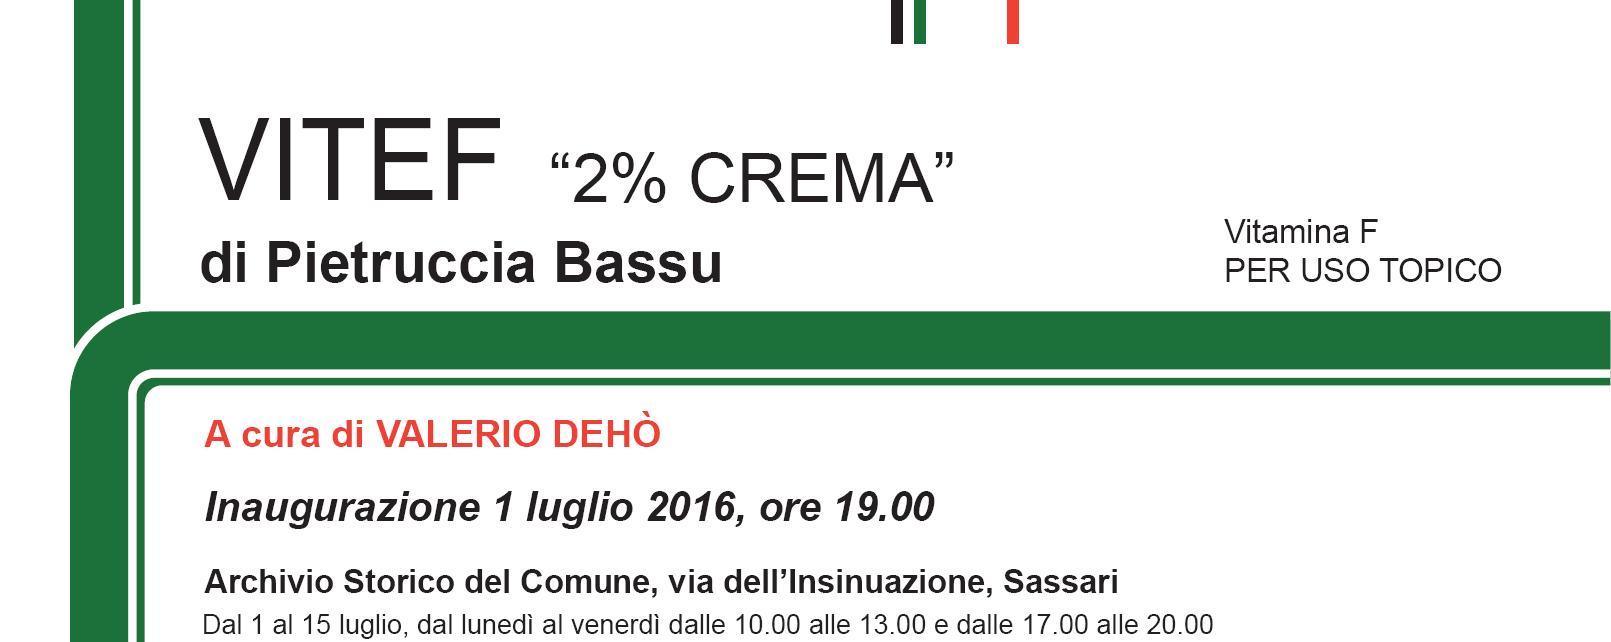 VITEF la Mostra di Pietruccia Bassu dal 1°  al 15 luglio 2016 a Sassari.